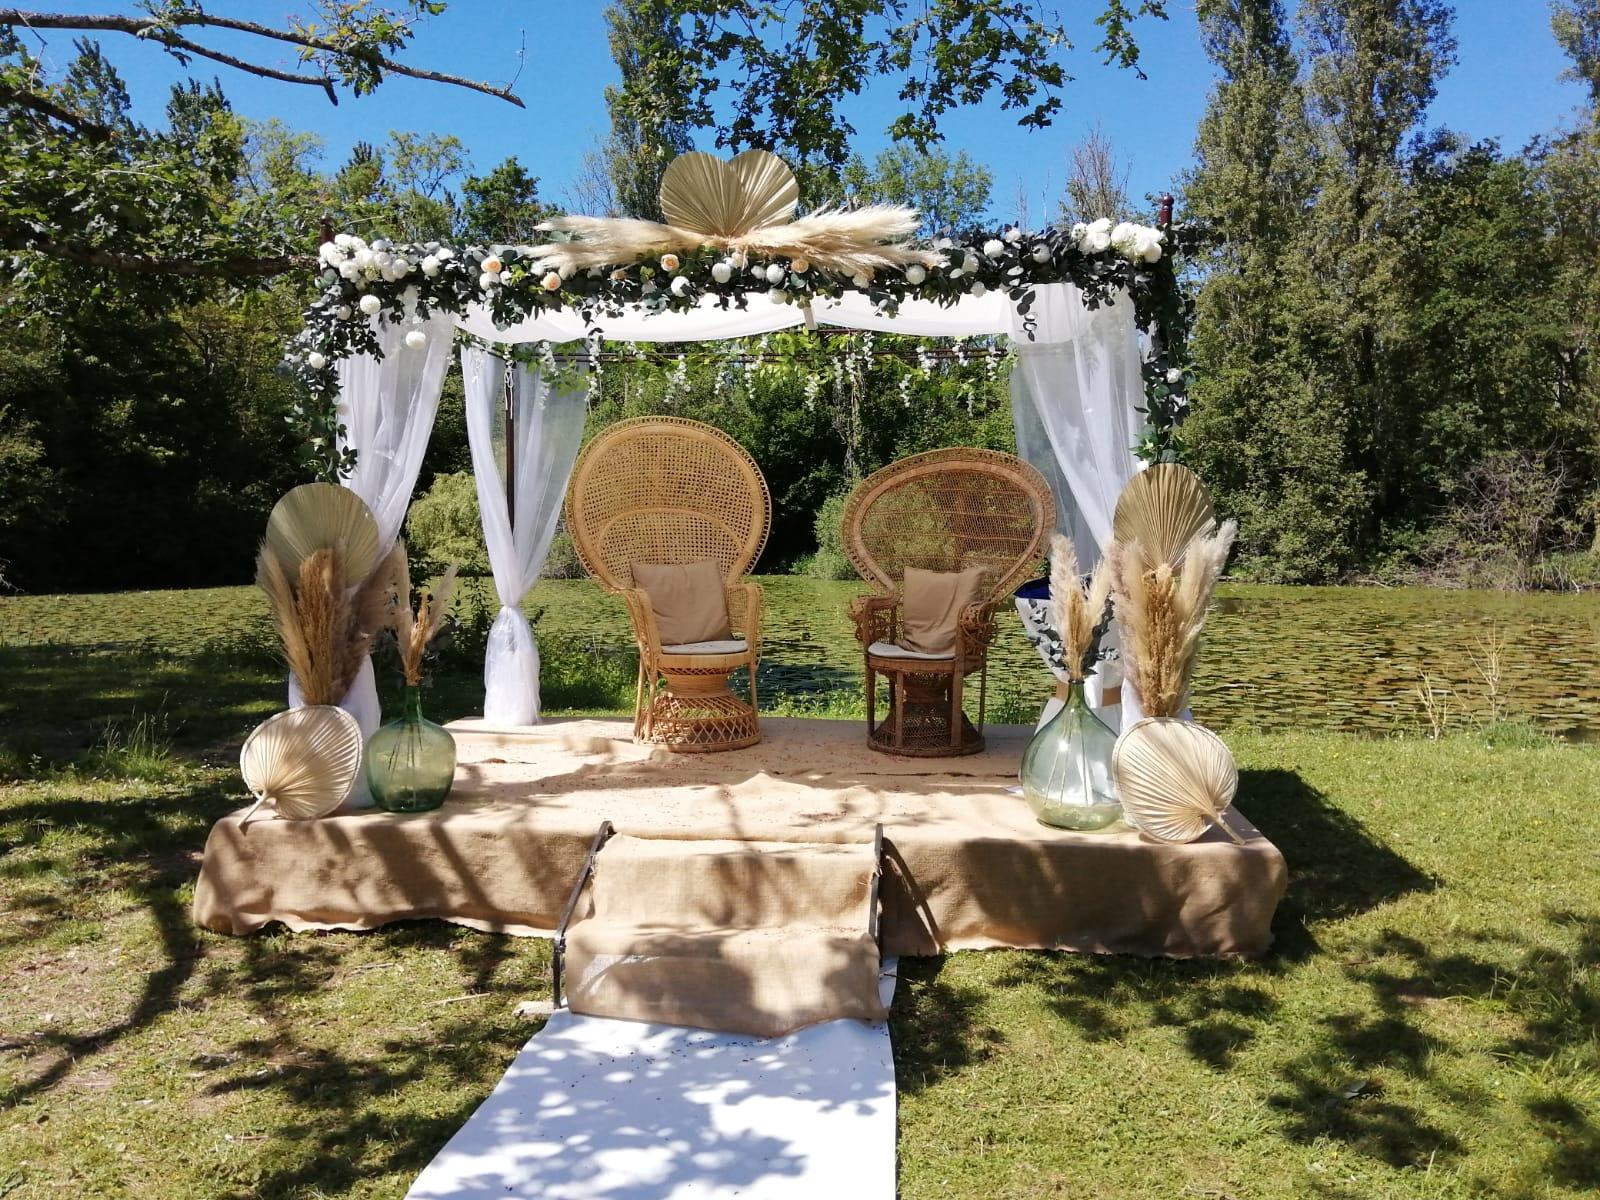 Houppa en fleurs séchées - Mariage juif - C&D Events - Wedding planner / Organisatrice de mariage dans l'Oise